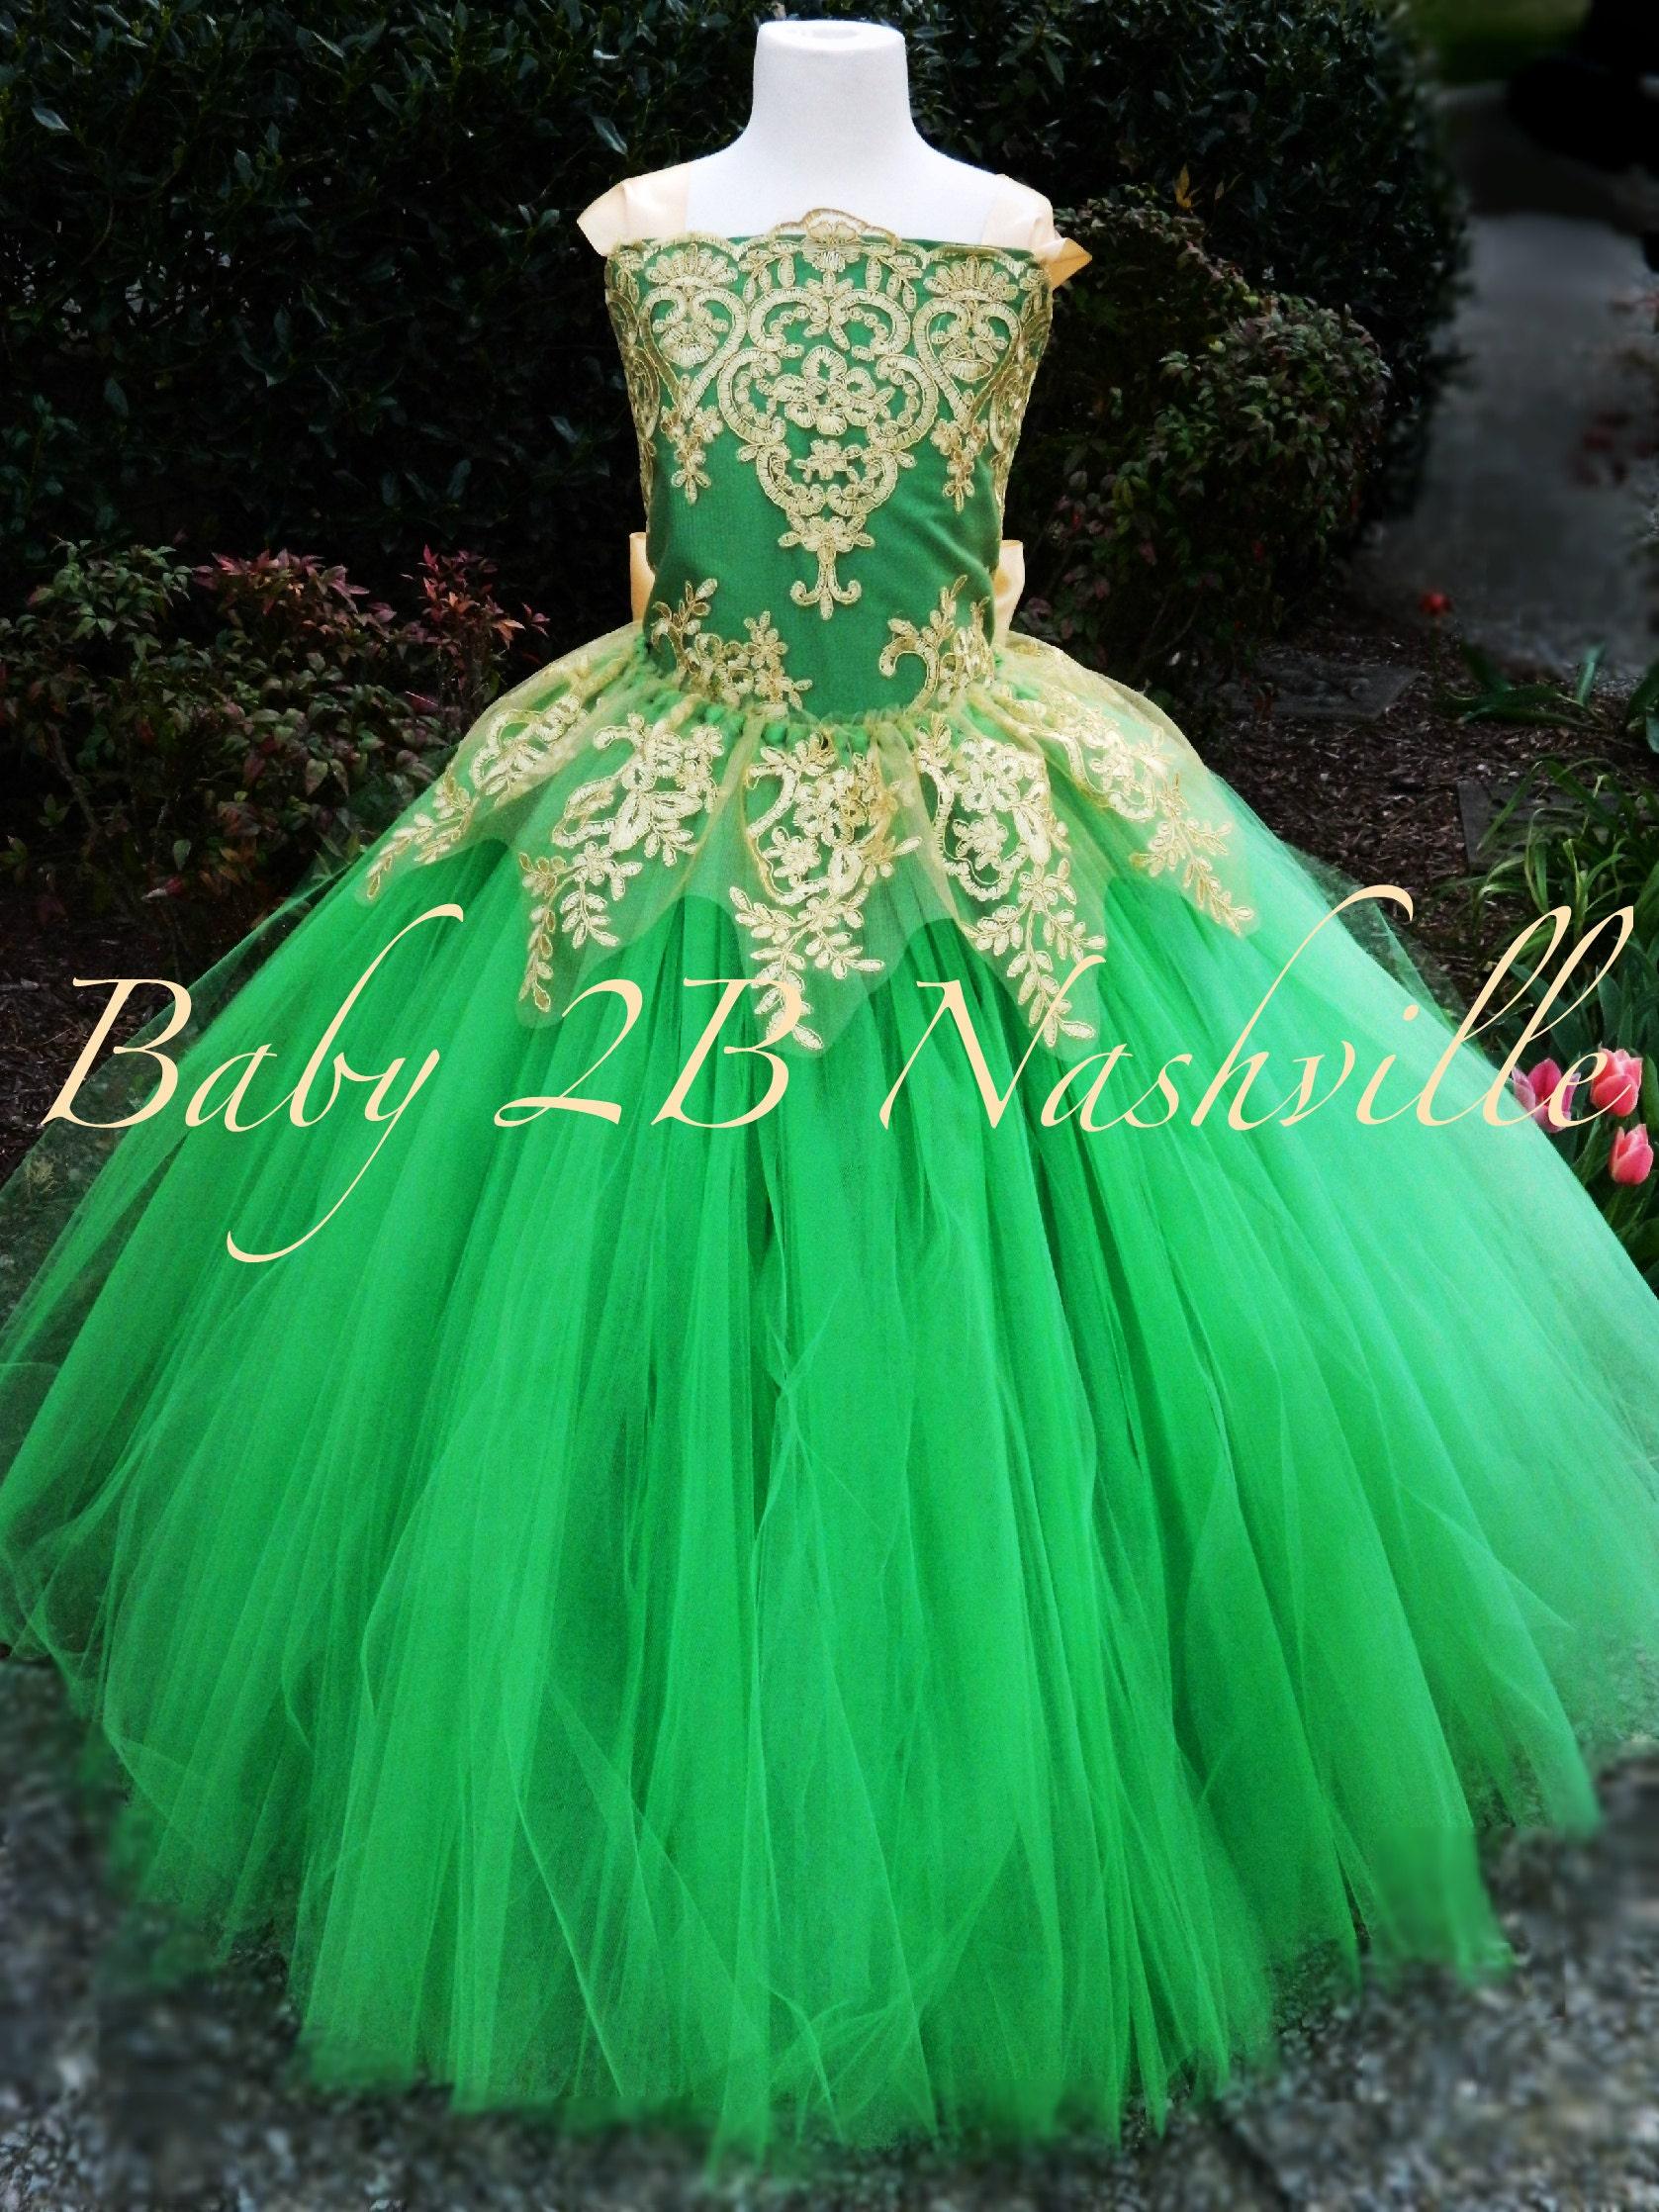 in emerald...